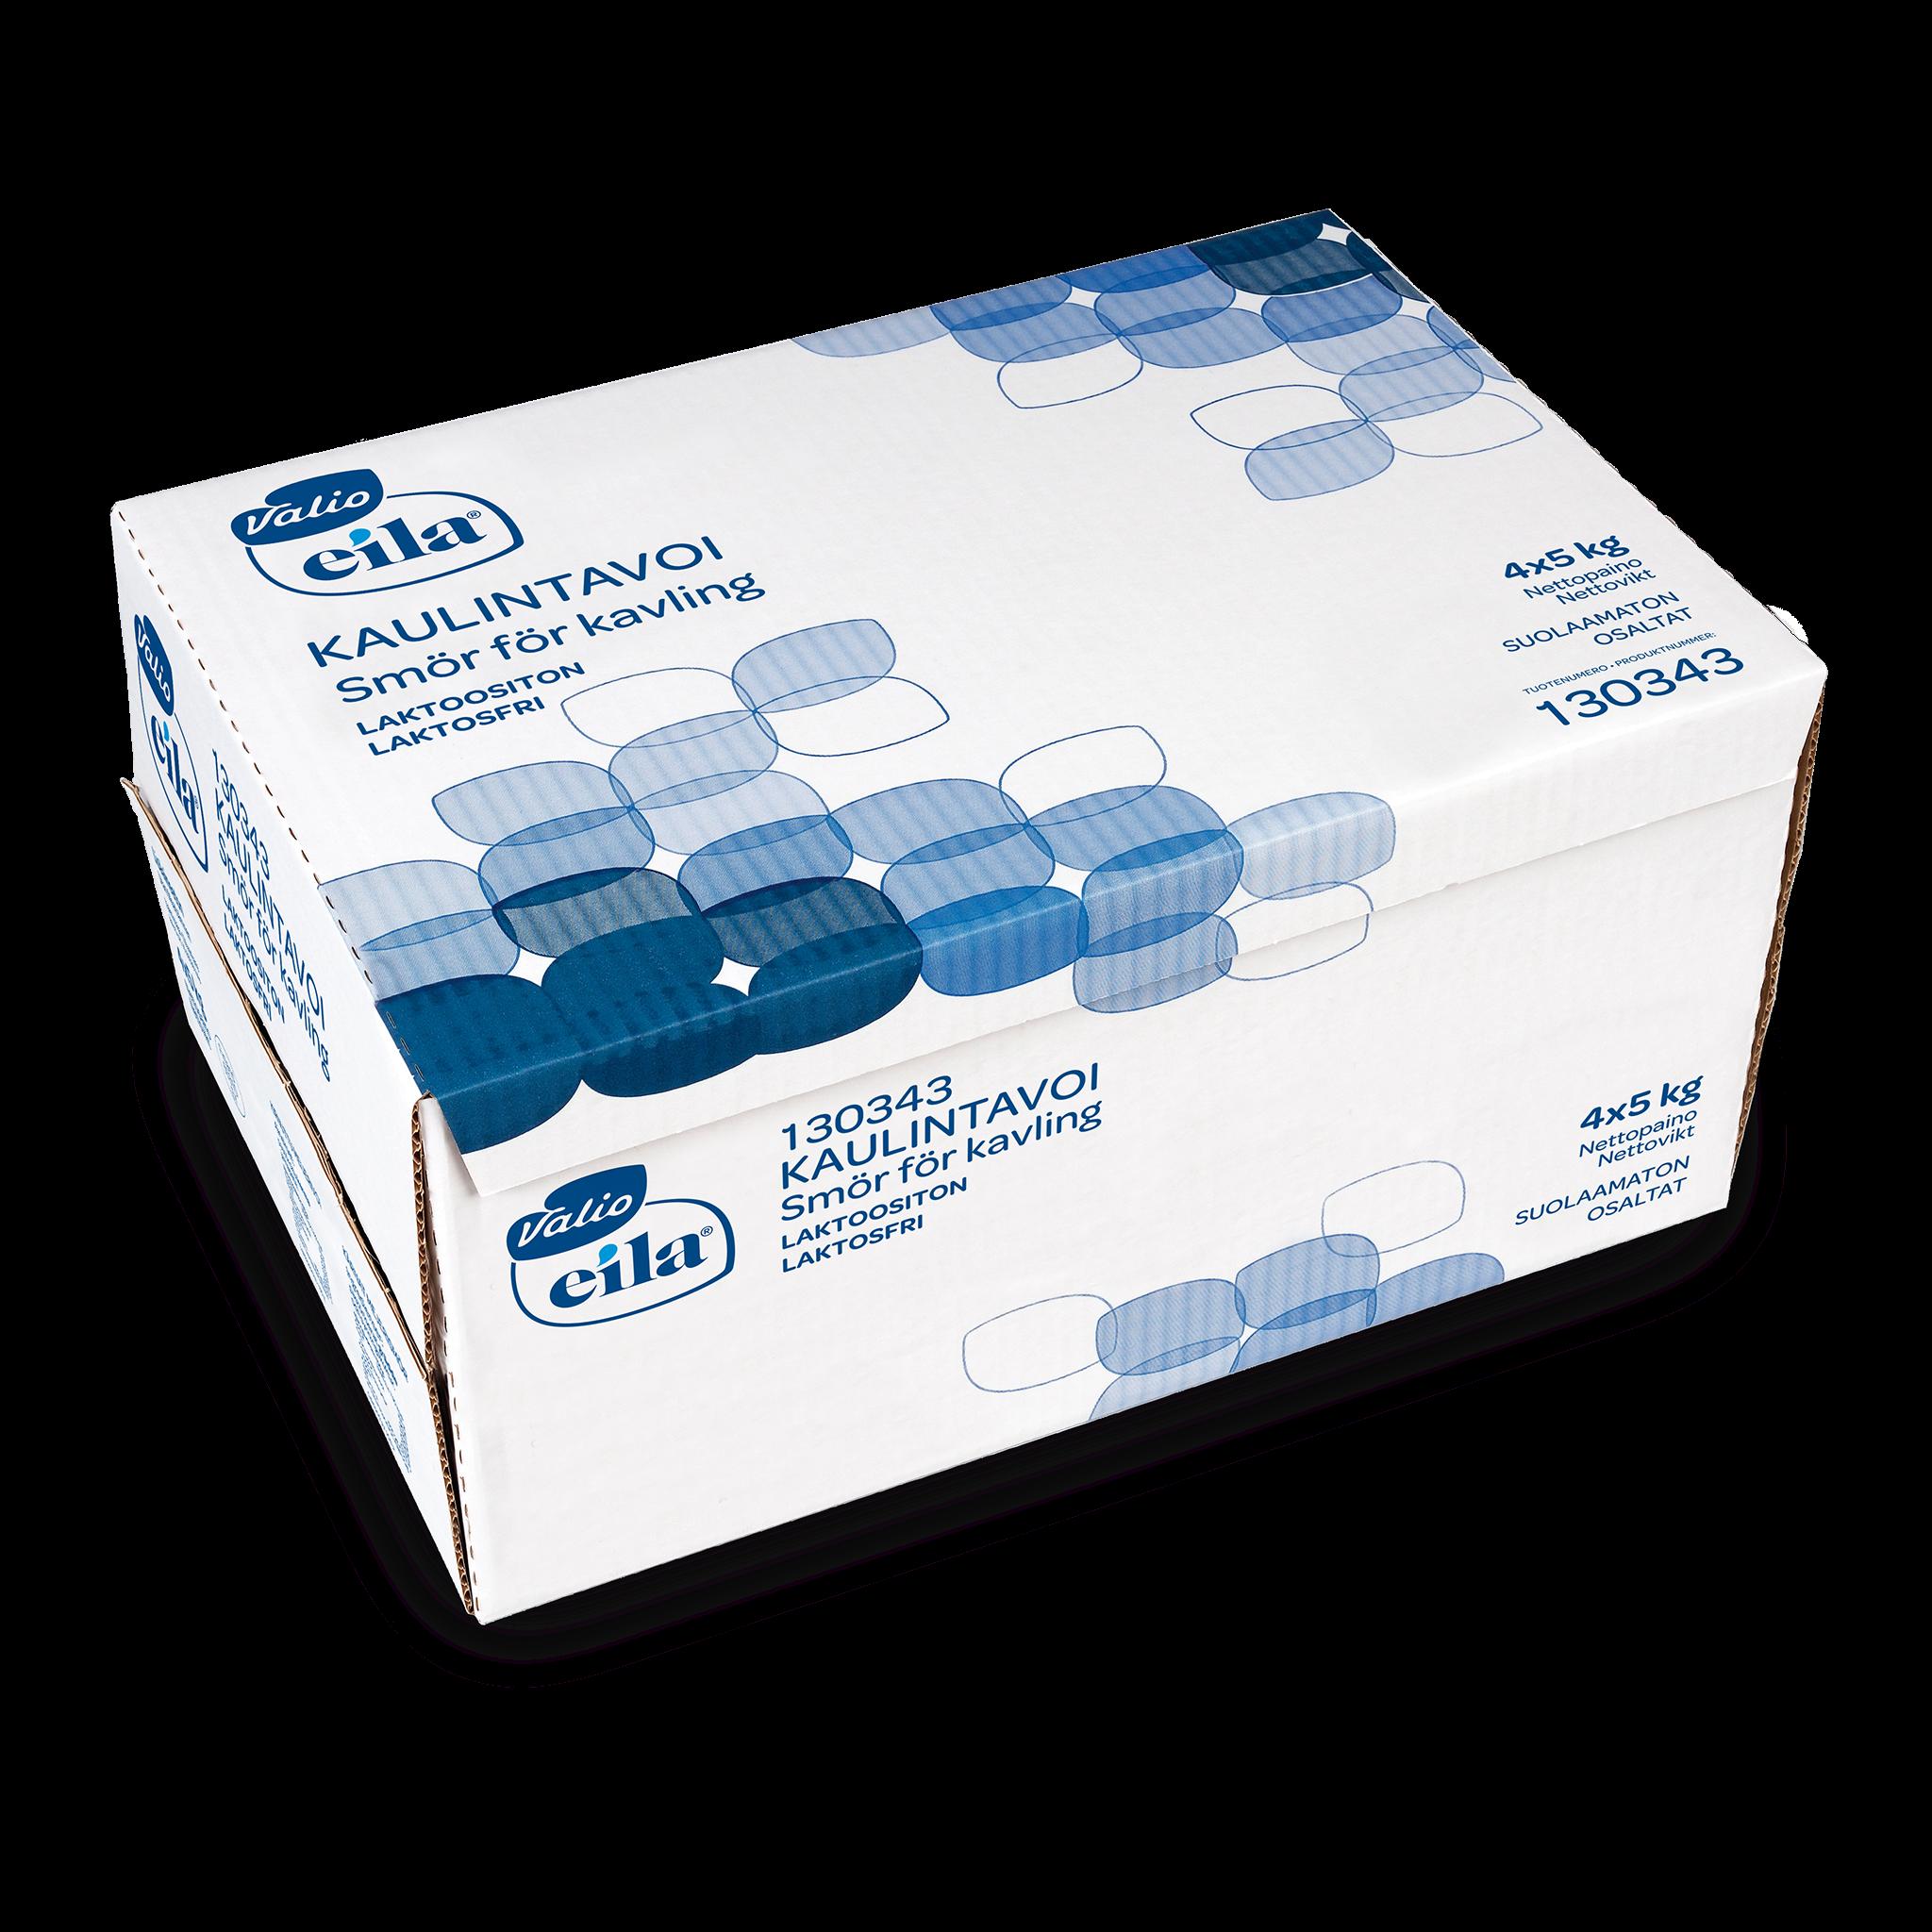 Valio Eila® kaulintavoi suolaamaton laktoositon